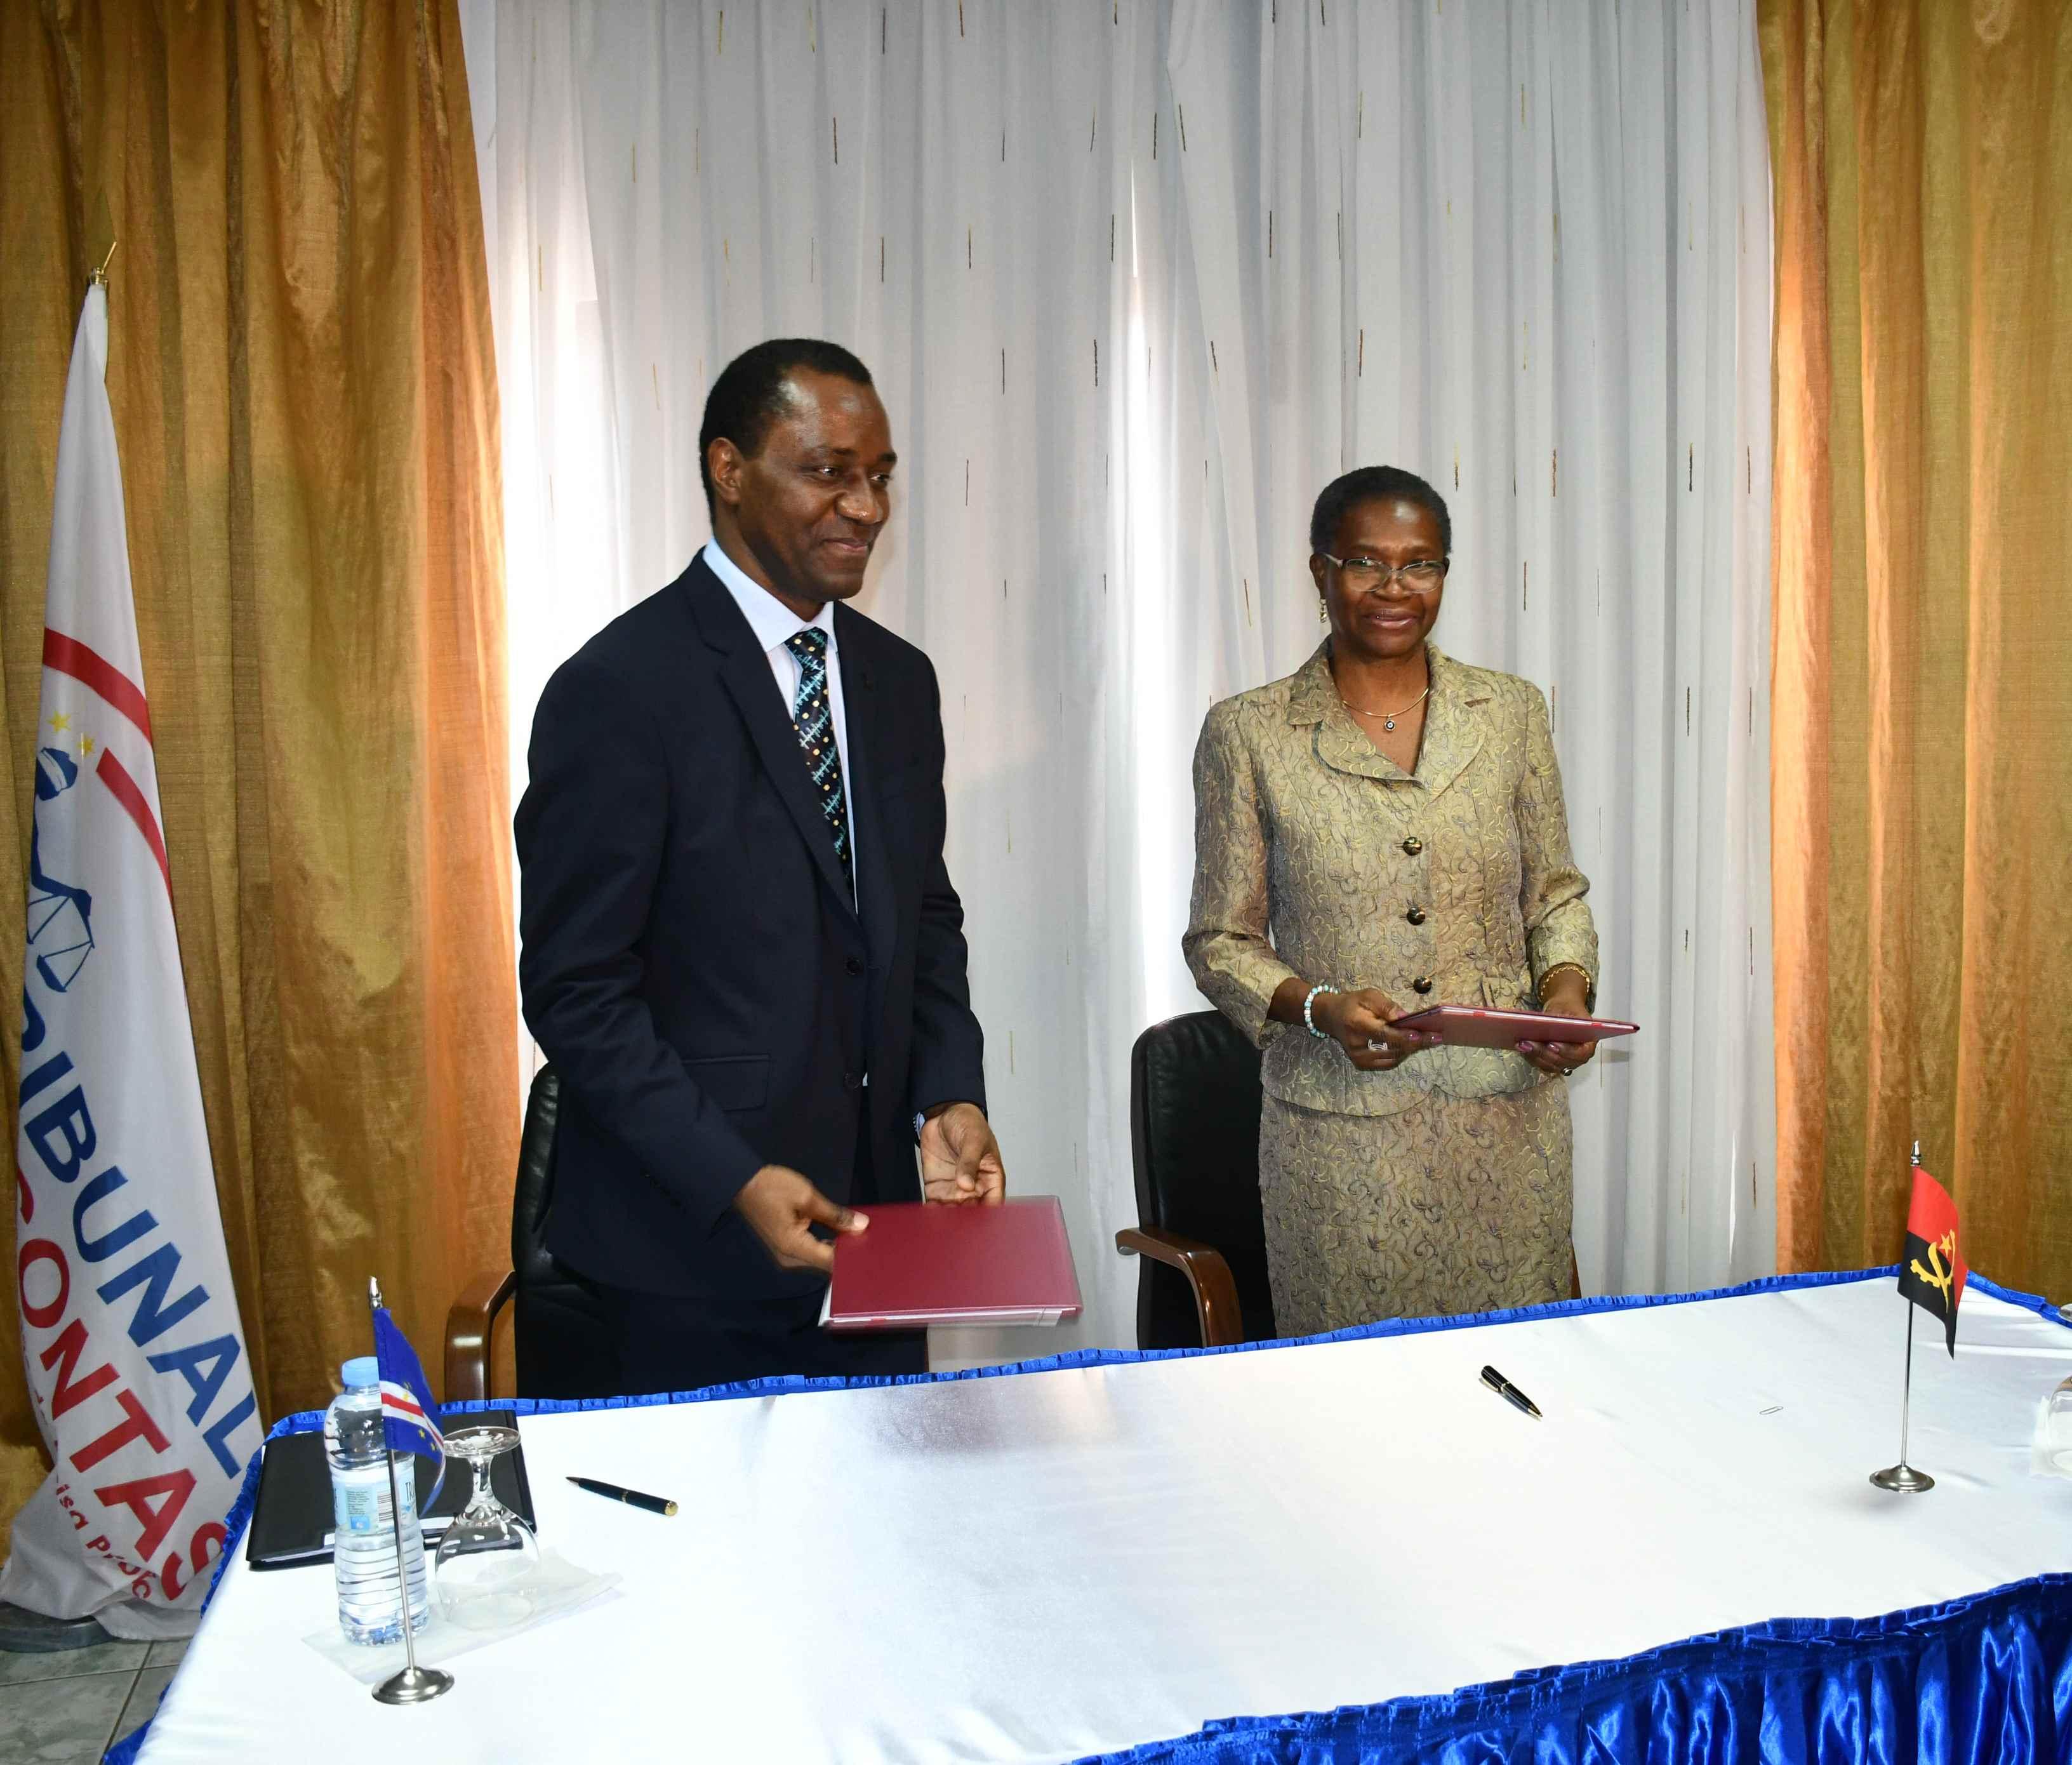 Assinatura do Protocolo de Cooperação entre o Tribunal de Contas de Angola e O Tribunal de Contas de Cabo Verde.